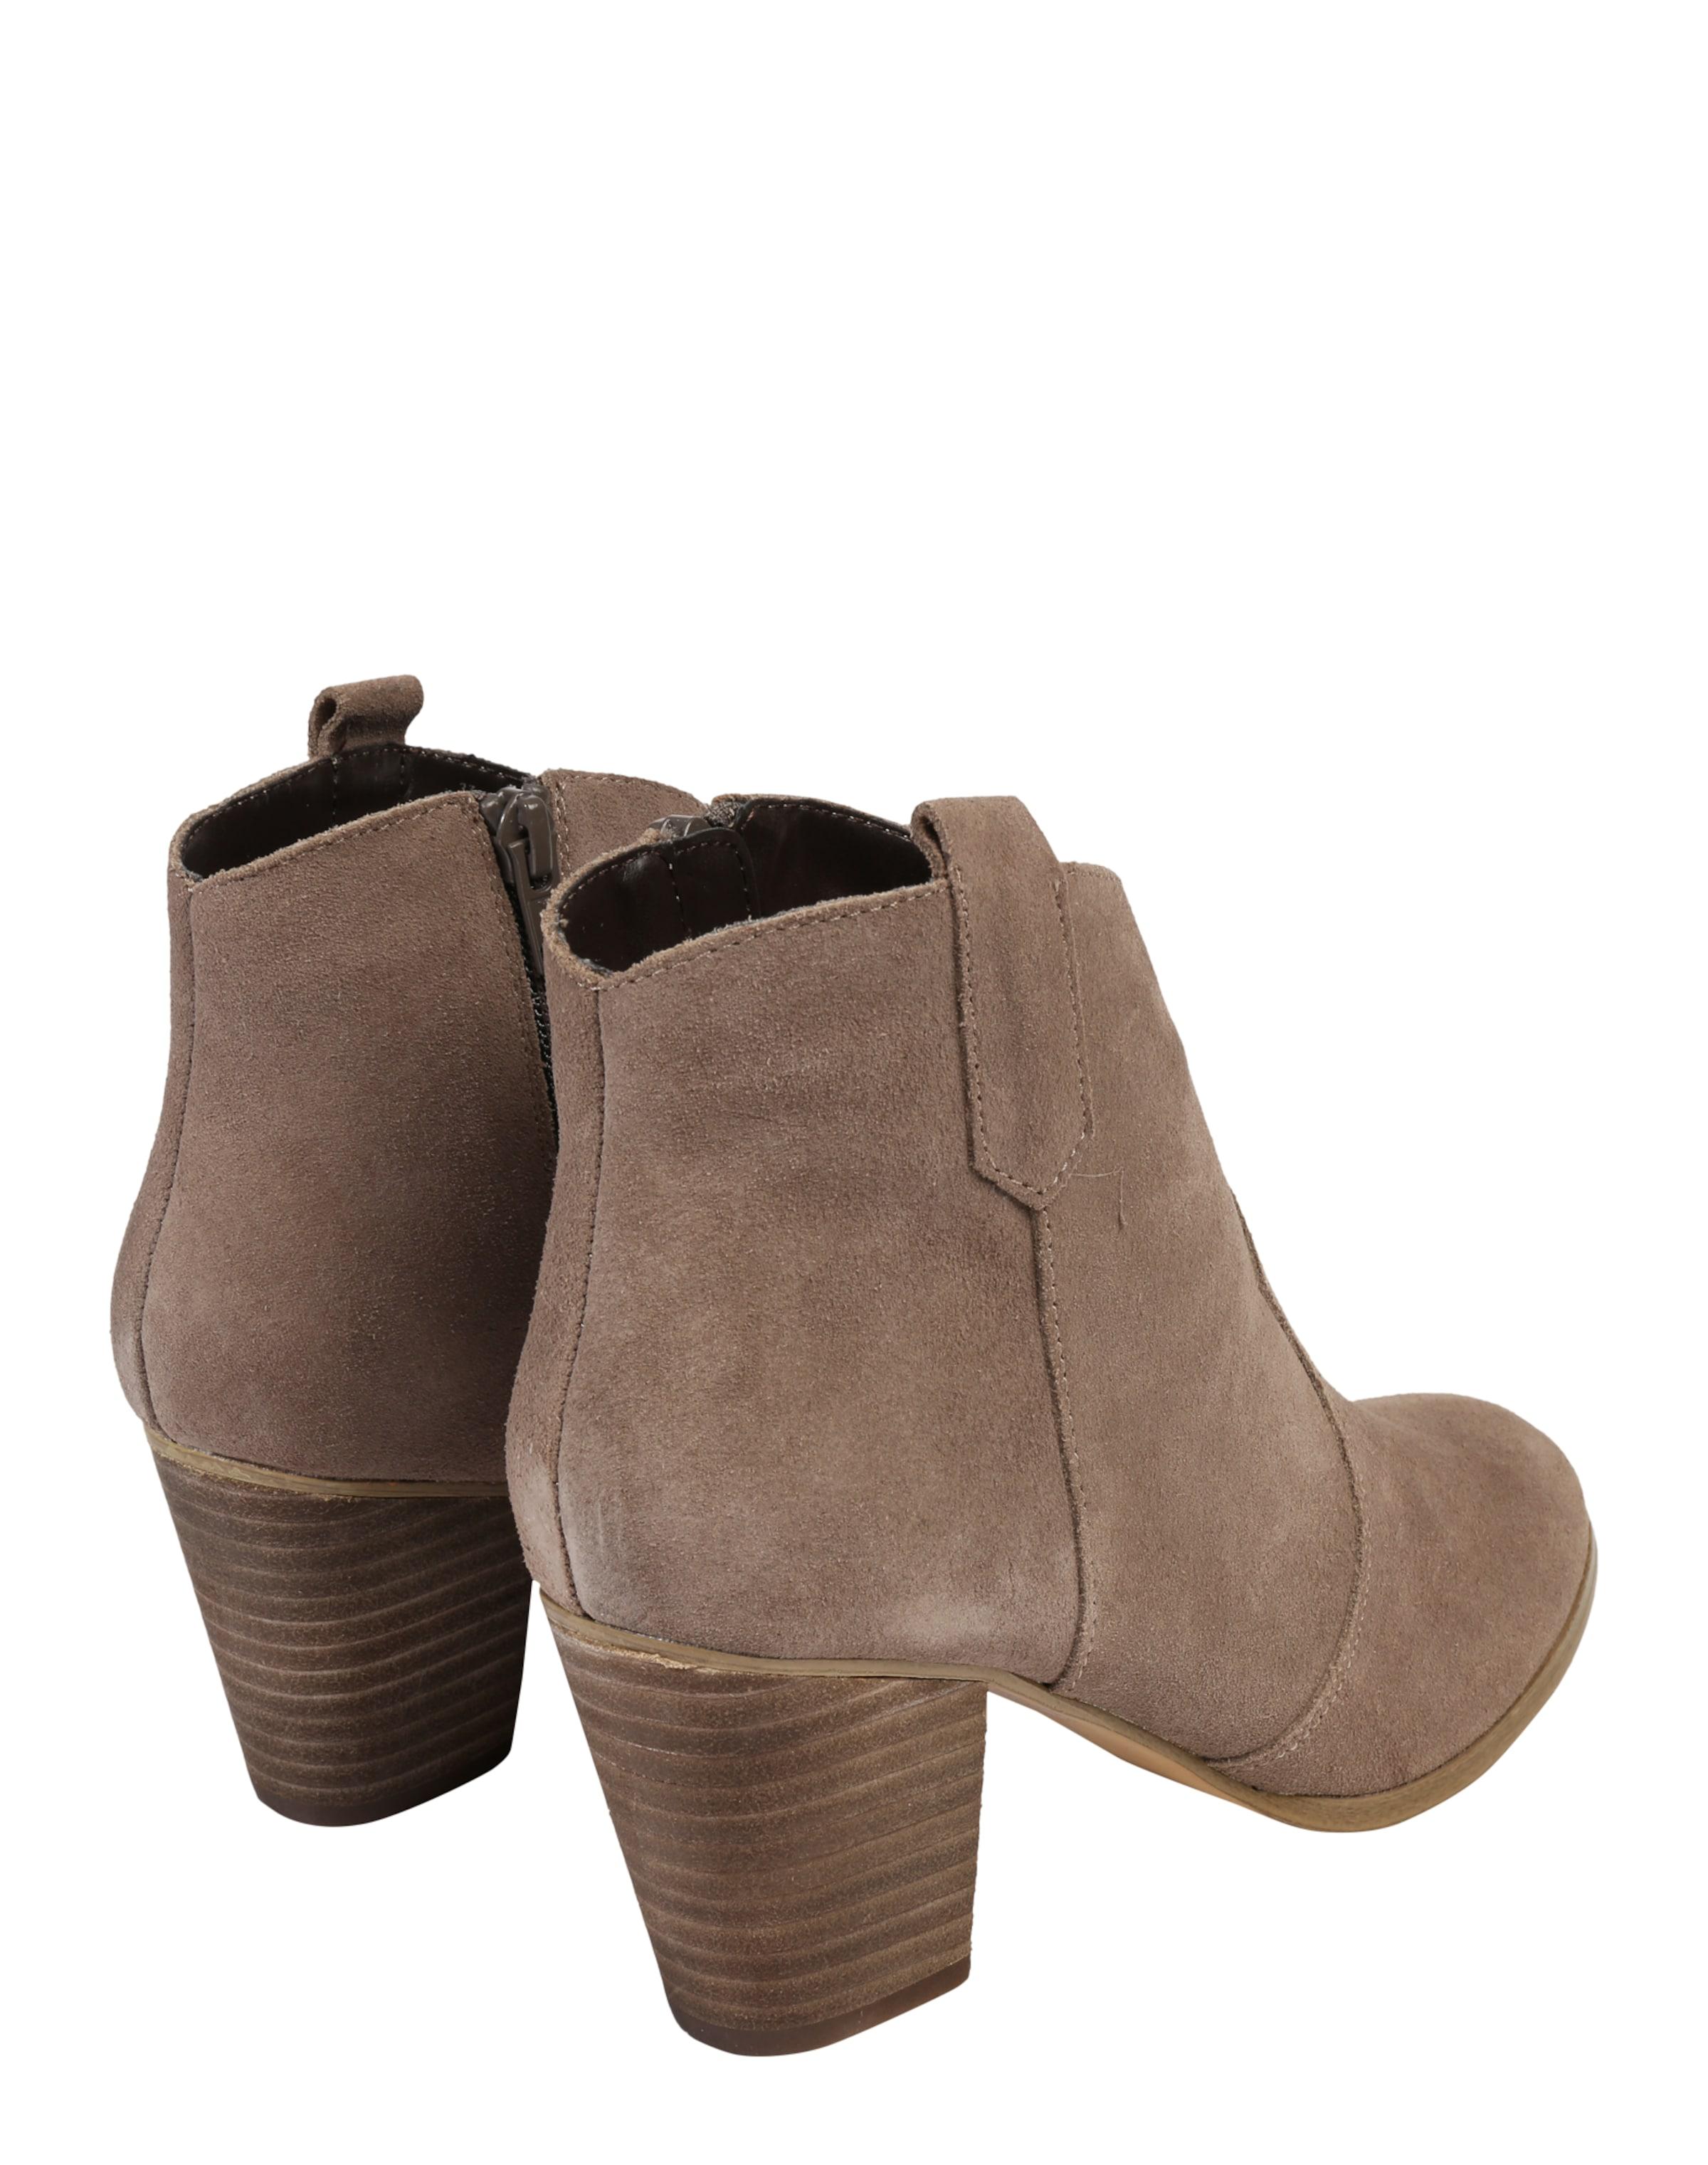 Miss KG Ankle Boots 'Sade' Verkaufspreise Große Überraschung Verkauf Online Spielraum 2018 YPCR5